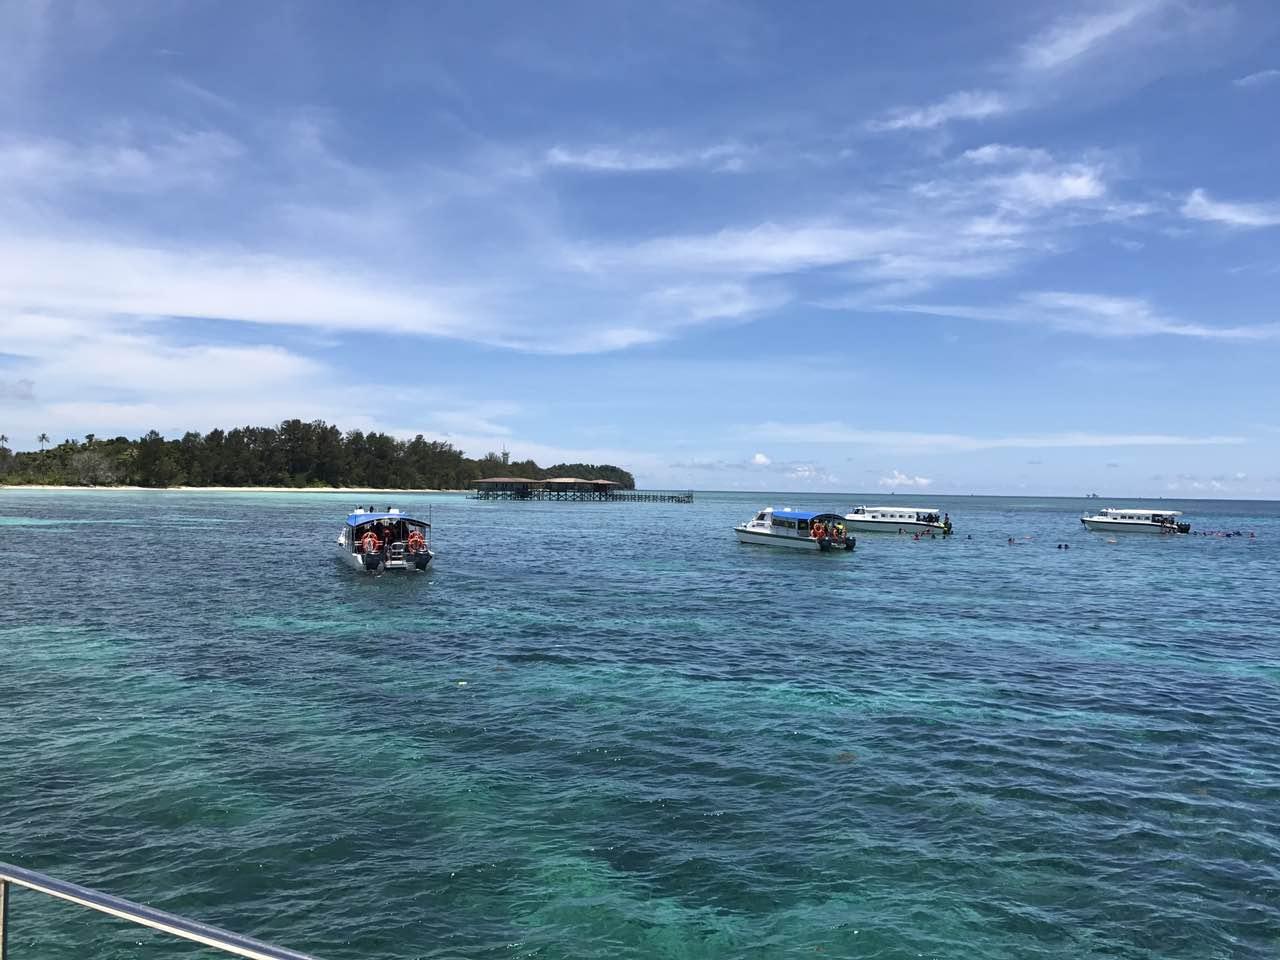 青岛一船舶被罚:多种仪器助力大气污染物排放监测